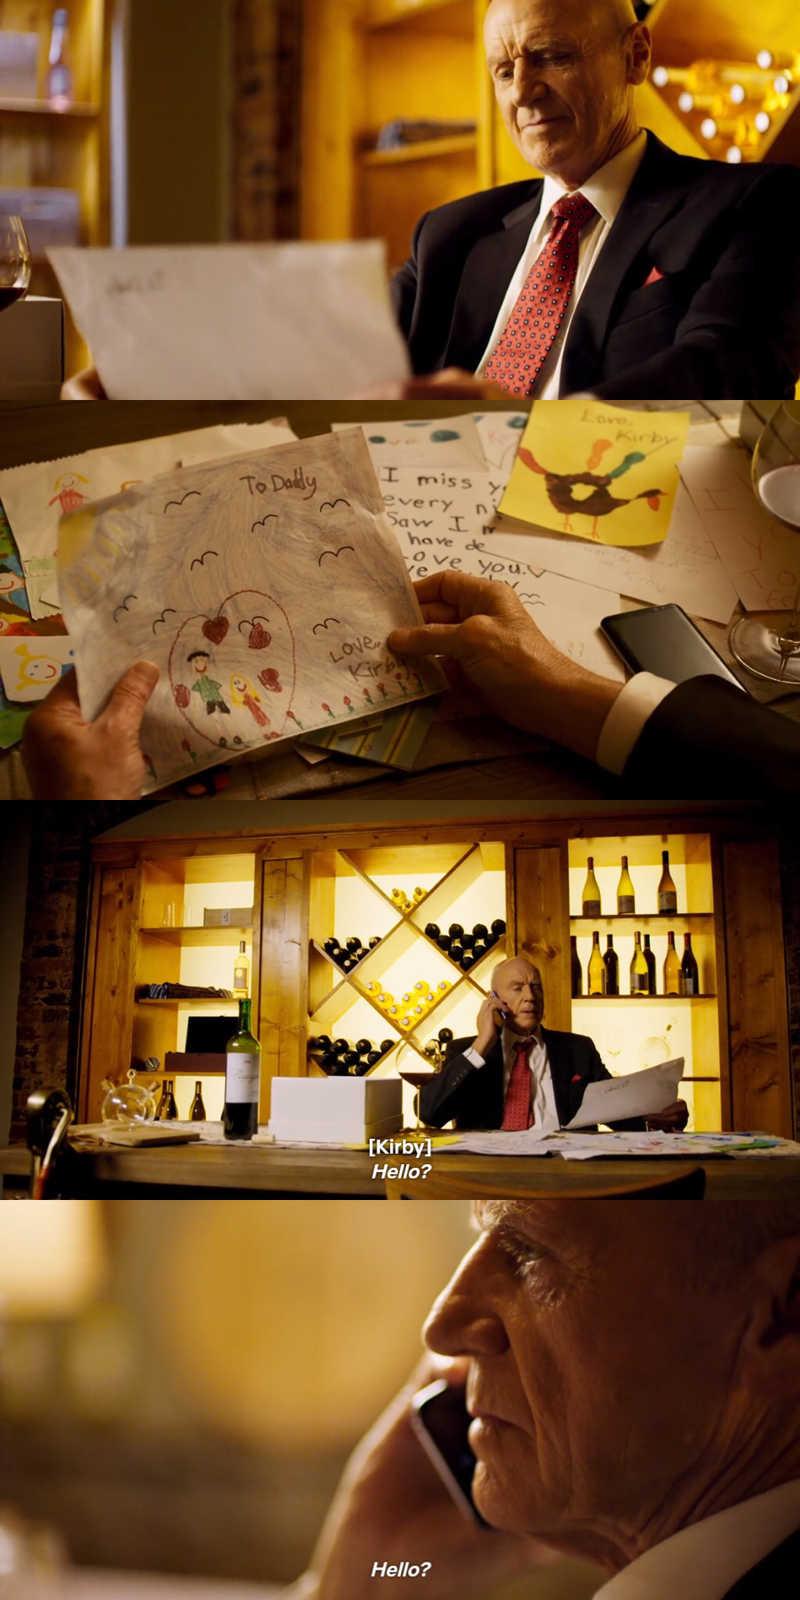 This scene broke my heart 💔😢